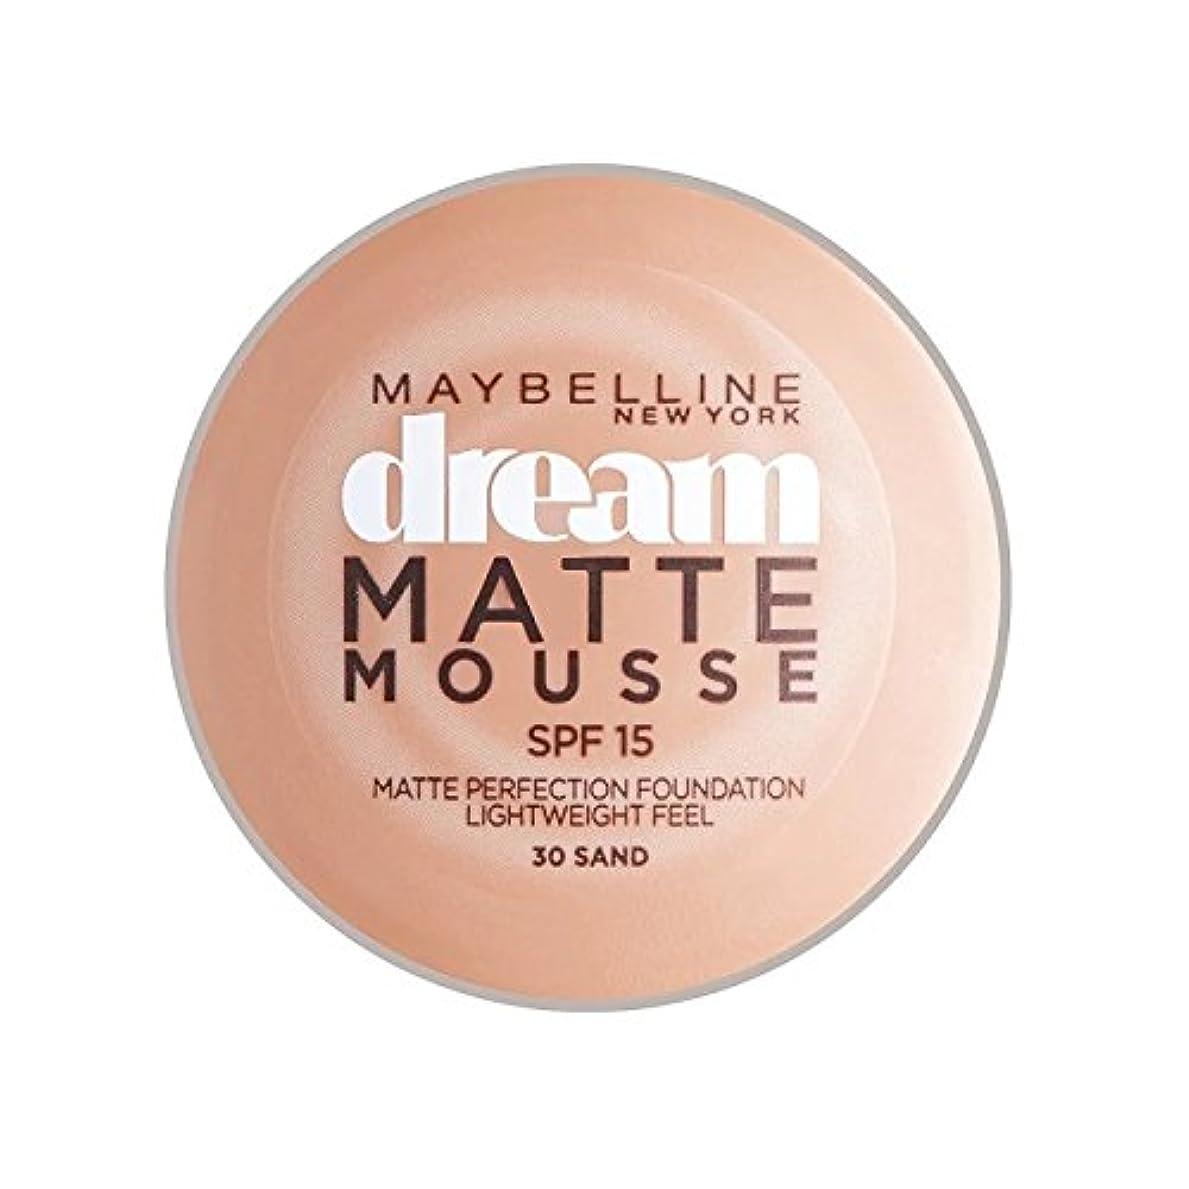 トレイ前部薄いですメイベリン夢のマットムース土台30砂の10ミリリットル x4 - Maybelline Dream Matte Mousse Foundation 30 Sand 10ml (Pack of 4) [並行輸入品]